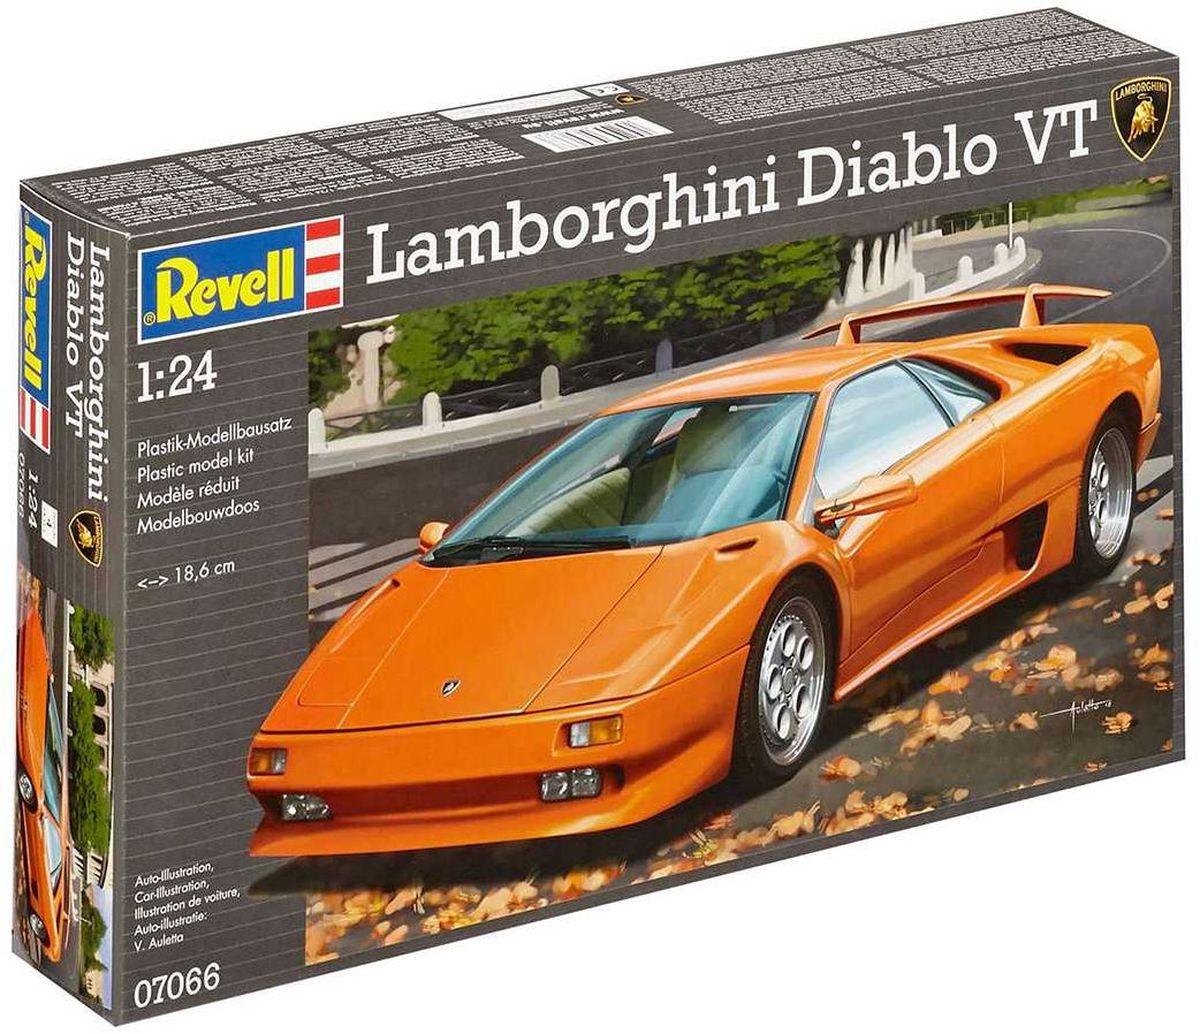 Revell Сборная модель Автомобиль Lamborghini Diablo VT07066RС помощью сборной модели Revell Автомобиль Lamborghini Diablo VT вы и ваш ребенок сможете собрать уменьшенную копию одноименного автомобиля. Набор включает в себя 81 пластиковый элемент для сборки. Название этого спортивного автомобиля - Дьявол - намекает покупателю о том, что ему ожидать от его нового спорткара. В 1990 году Lamborghini представил Diablo в то время самый быстрый серийный автомобиль в мире. Он стал мощным преемником Countach, который производился в течение 16 лет. В 1993 году Diablo VT поступил в продажу по цене в 500 тысяч немецких марок. В период между 1993 и 1999 было продано четыреста Diablo VT. Возможно, кто-то осмелится развить максимальную скорость этого болида в 328 км / ч. Процесс сборки развивает интеллектуальные и инструментальные способности, воображение и конструктивное мышление, а также прививает практические навыки работы со схемами и чертежами. Уровень сложности: 4. УВАЖАЕМЫЕ КЛИЕНТЫ! Обращаем ваше внимание на...